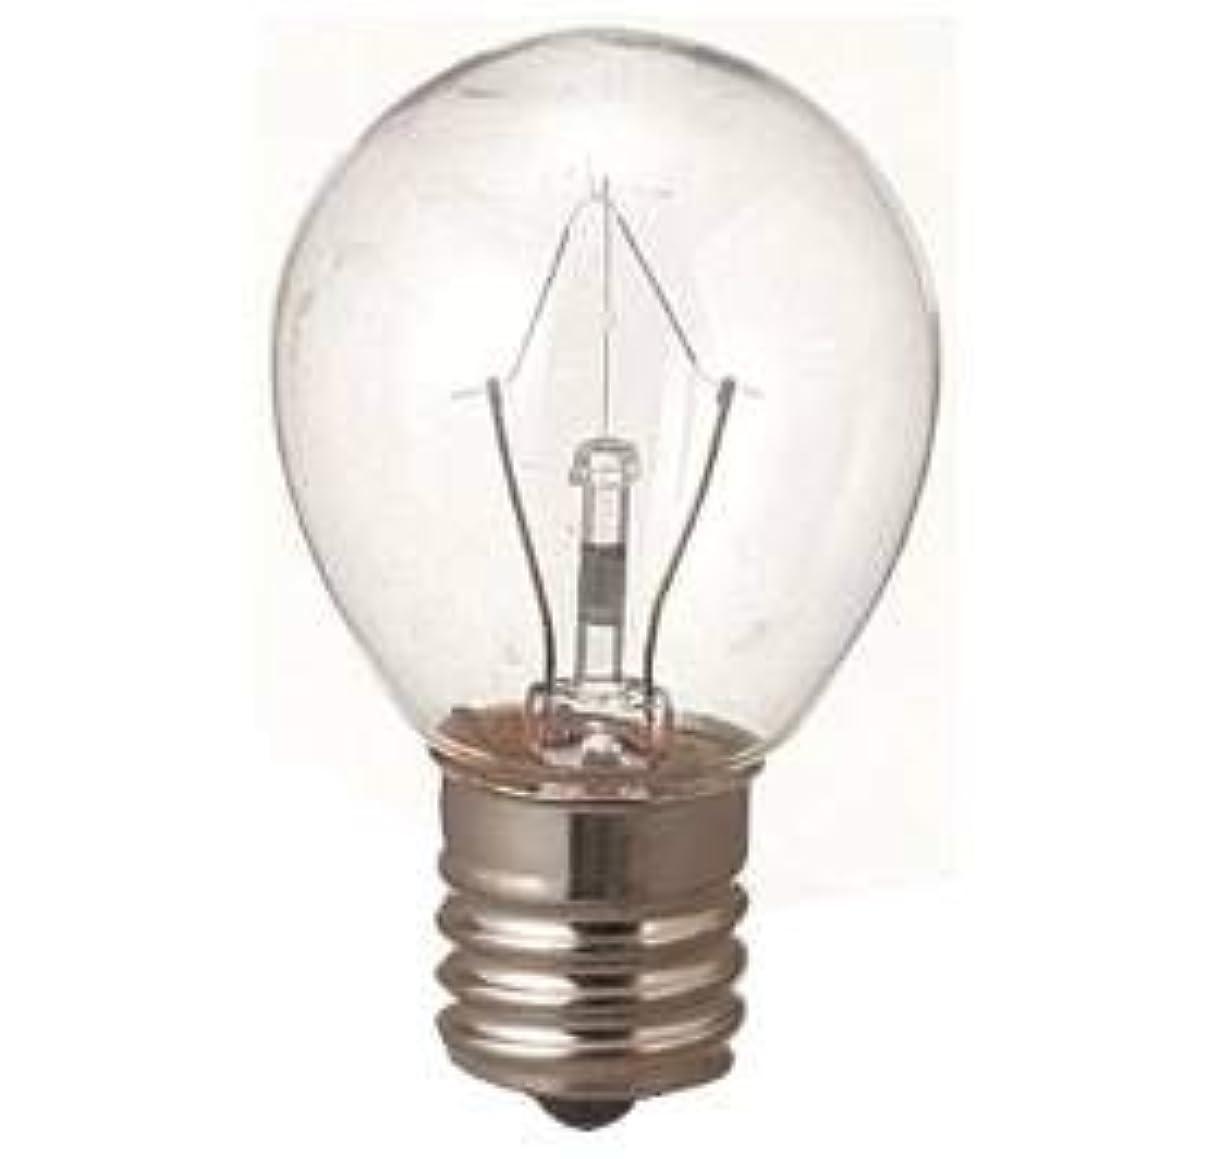 効能ある宗教的な手当生活の木 アロマランプM用 電球15W(サイズ:φ23×H50mm)